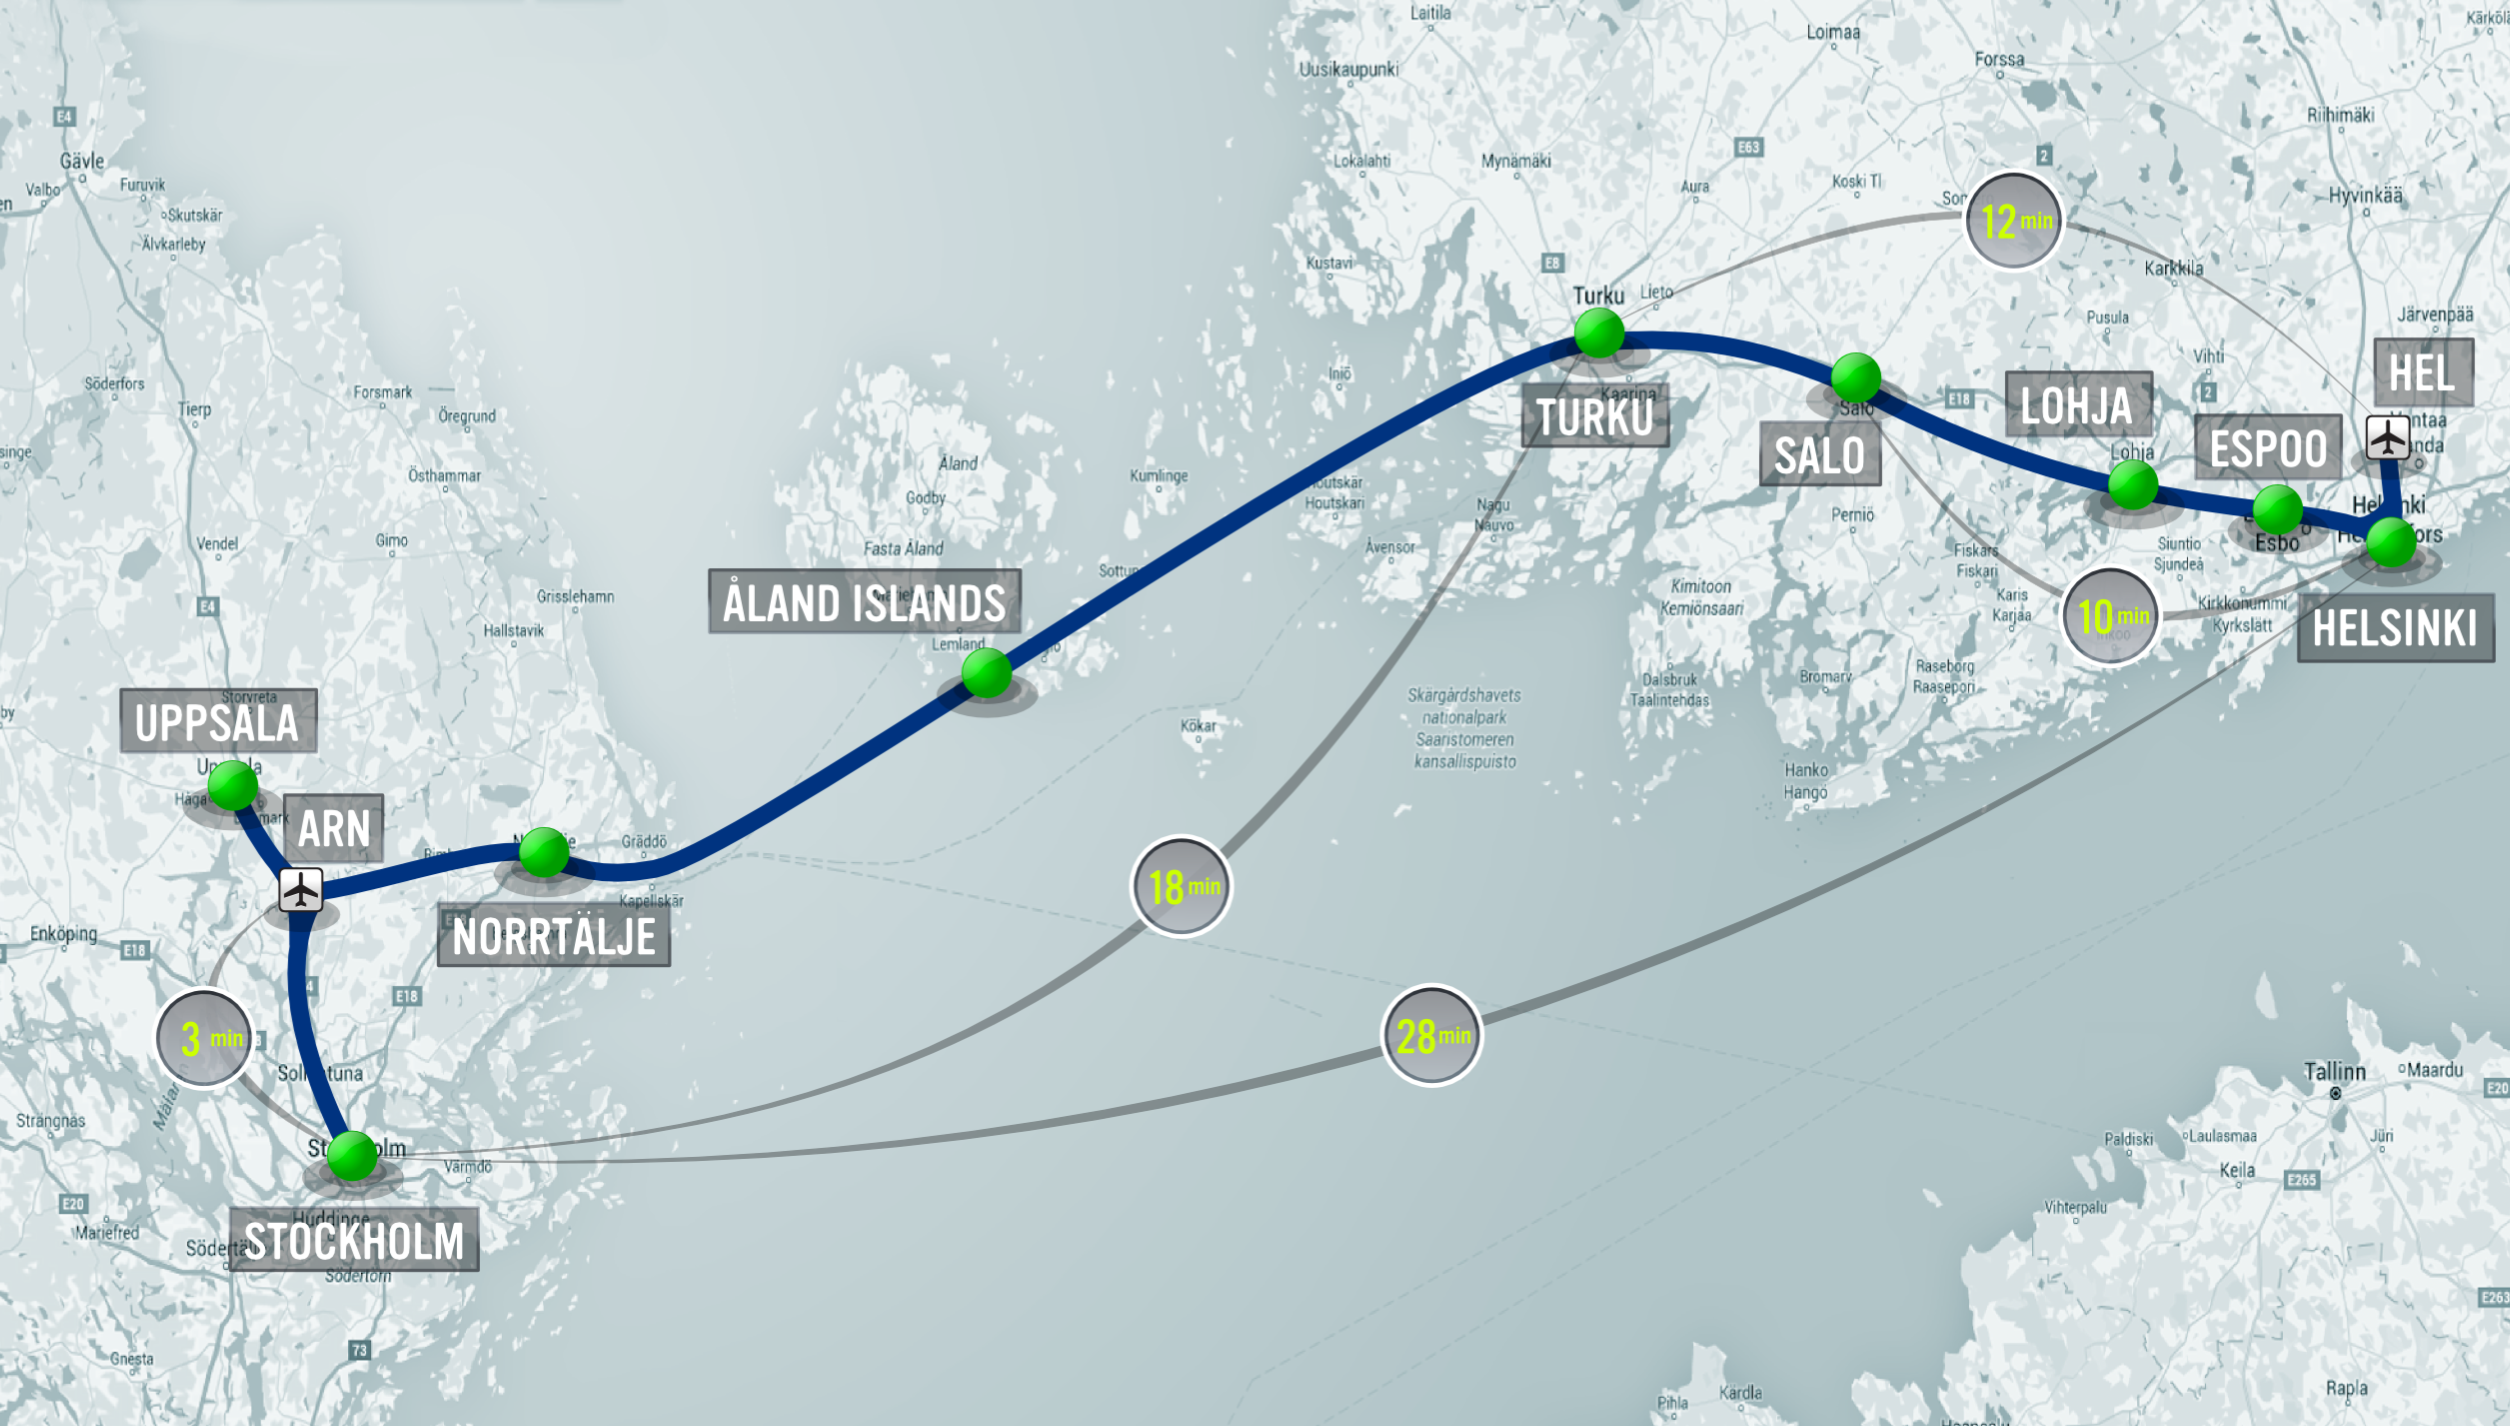 hyperloop-one-stockholm-helsinki-route